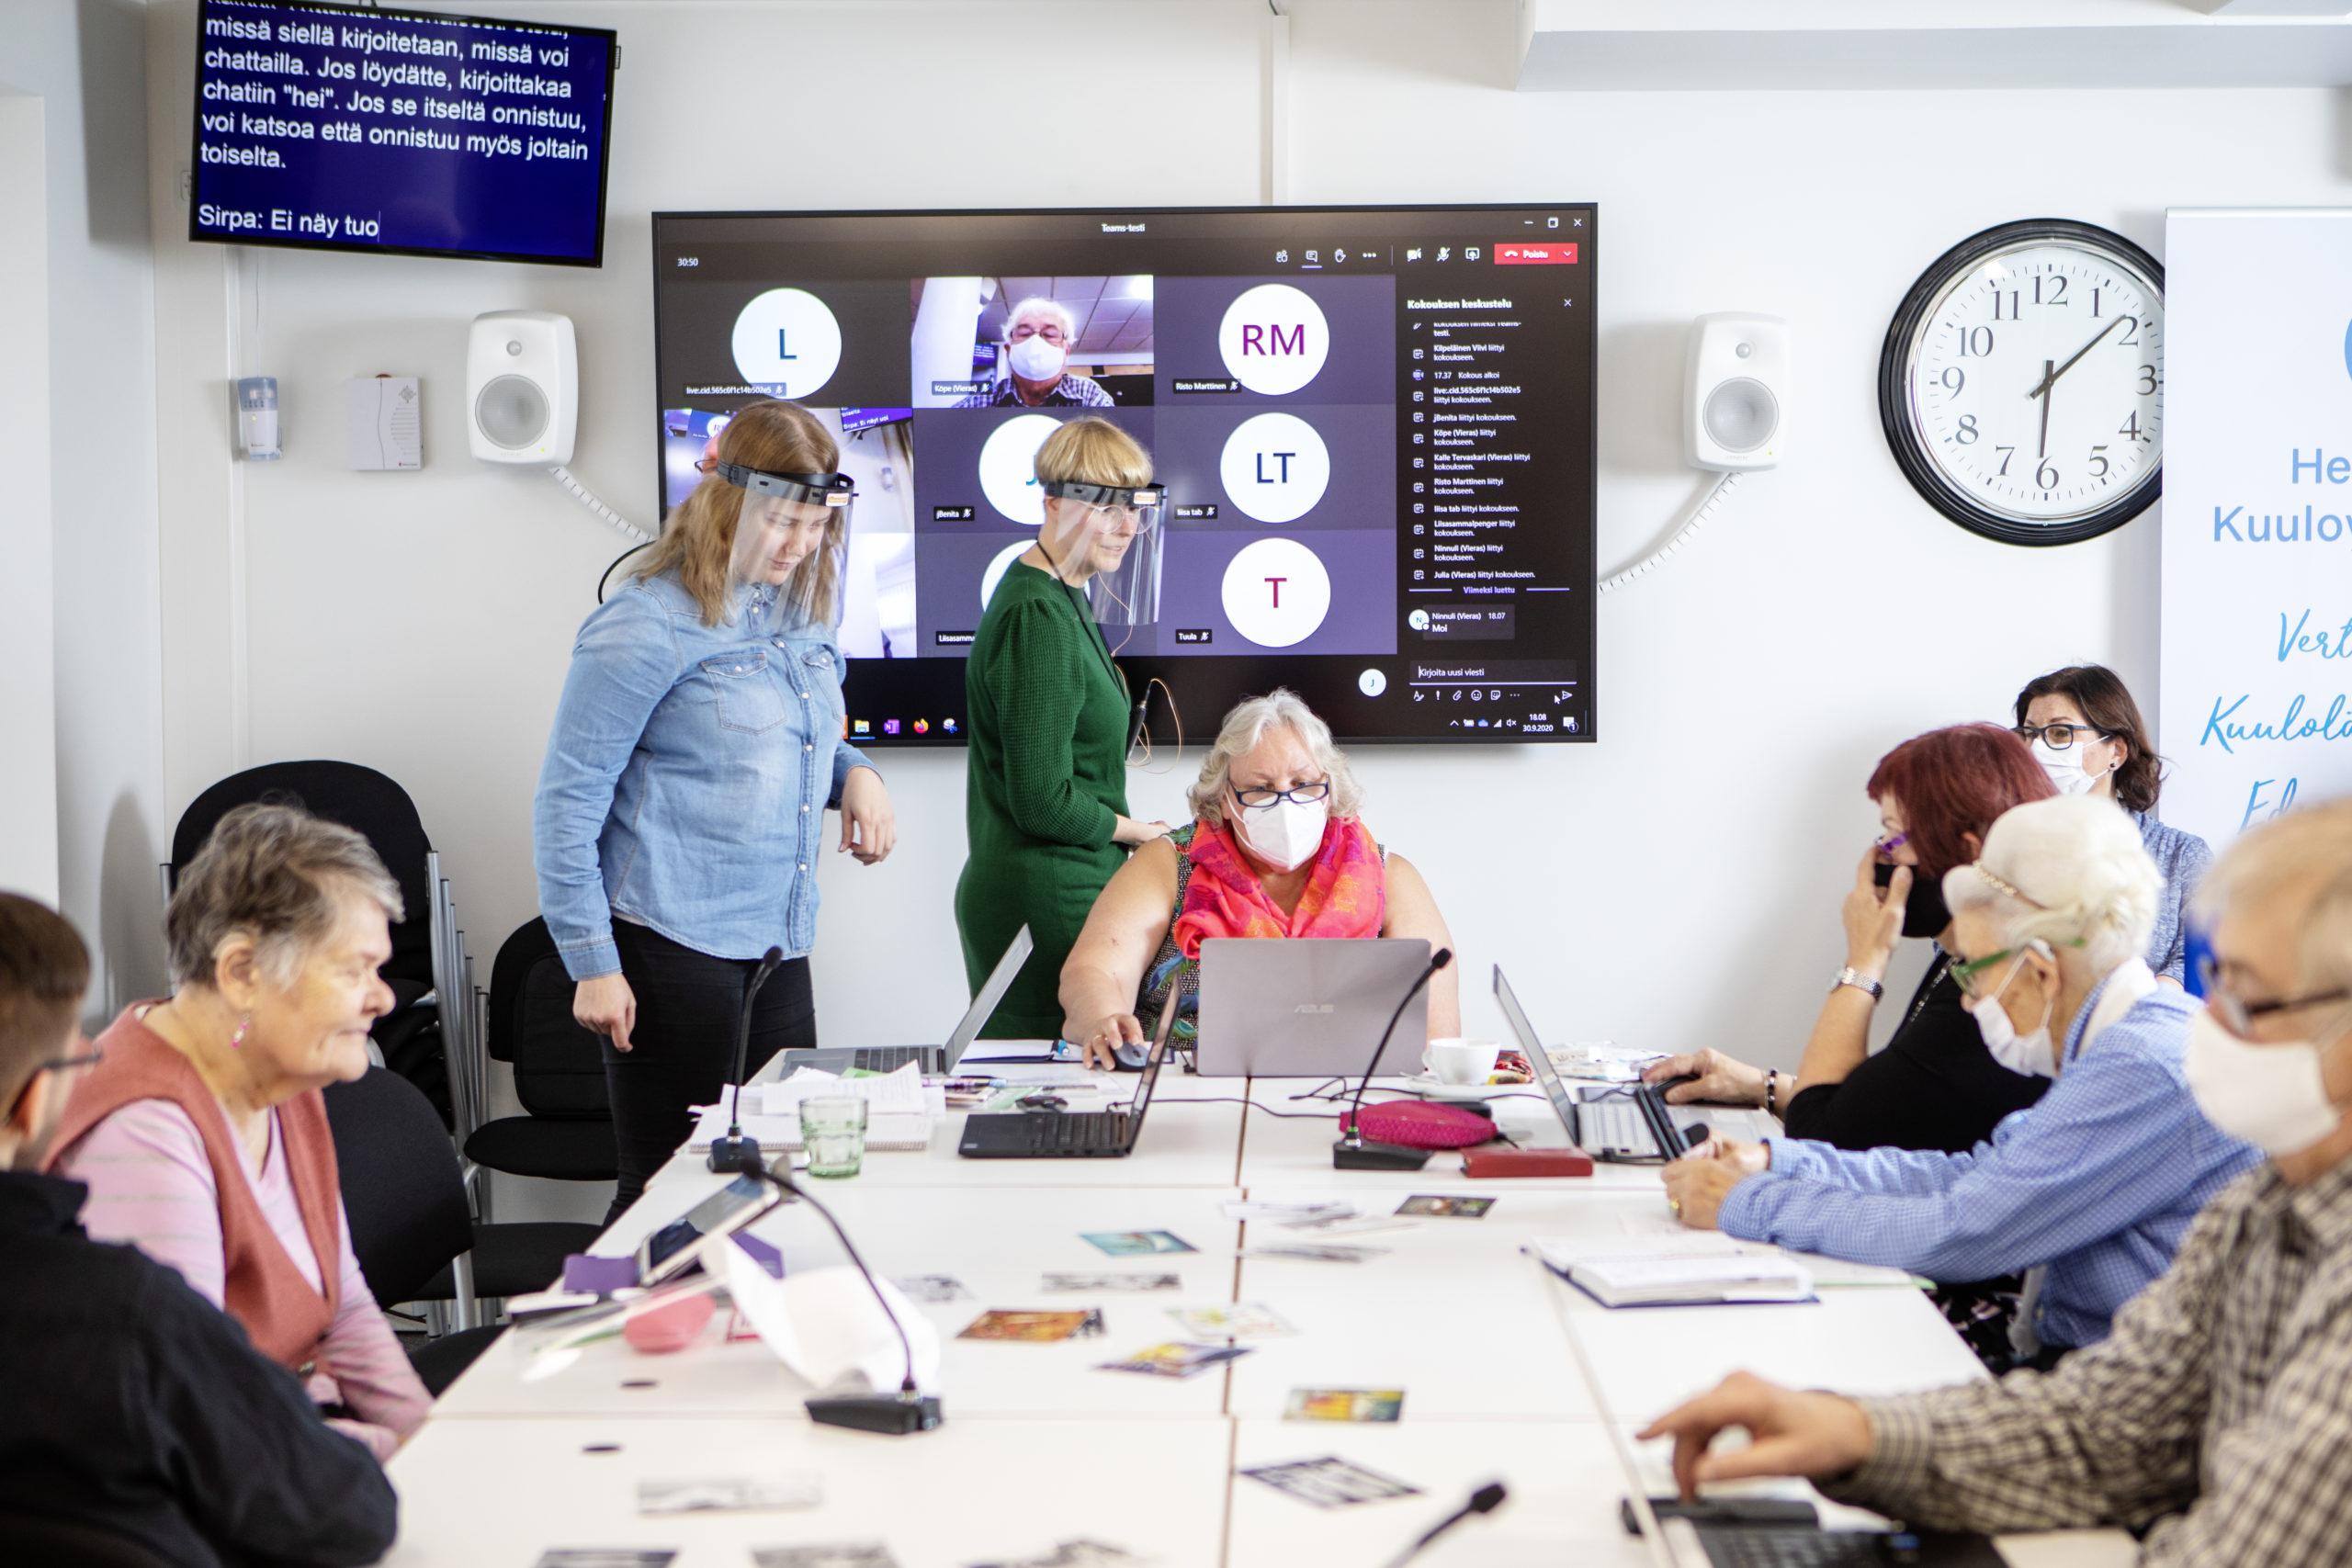 Joukko osallistujia on pöydän ympärillä tietokoneiden äärellä. Osallistujilla on kasvomaskit. Taustalla pyörii Zoom-etätapaaminen.